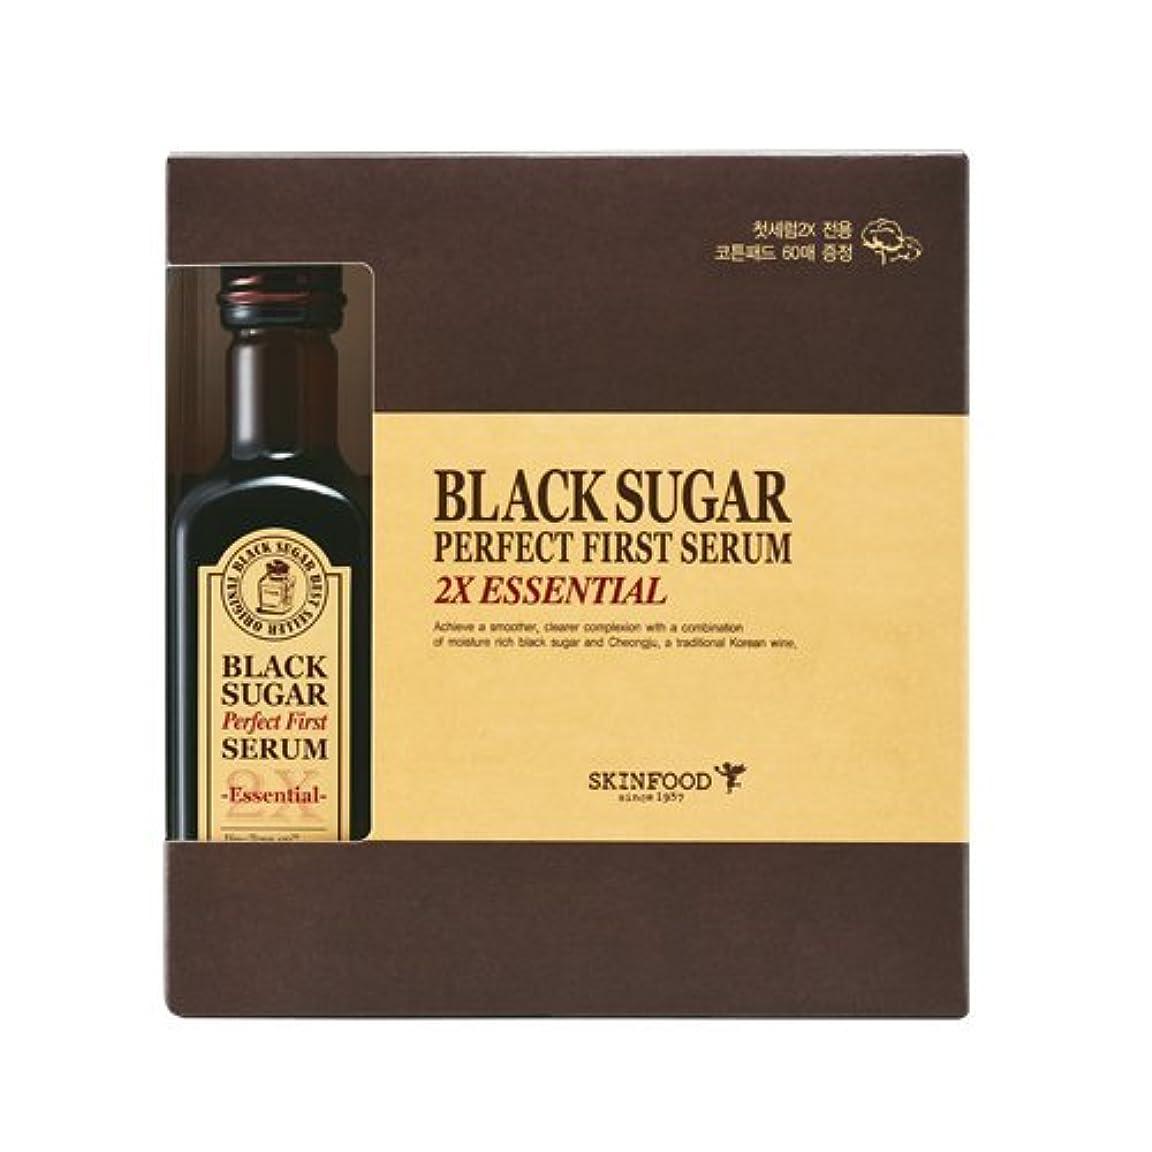 エチケットアンタゴニスト工業化する(SKINFOOD スキンフード)Black Sugar Perfect First Serum 2X ?essential- ブラックシュガー パーフェクトファーストセラム2X skin-brightening and...